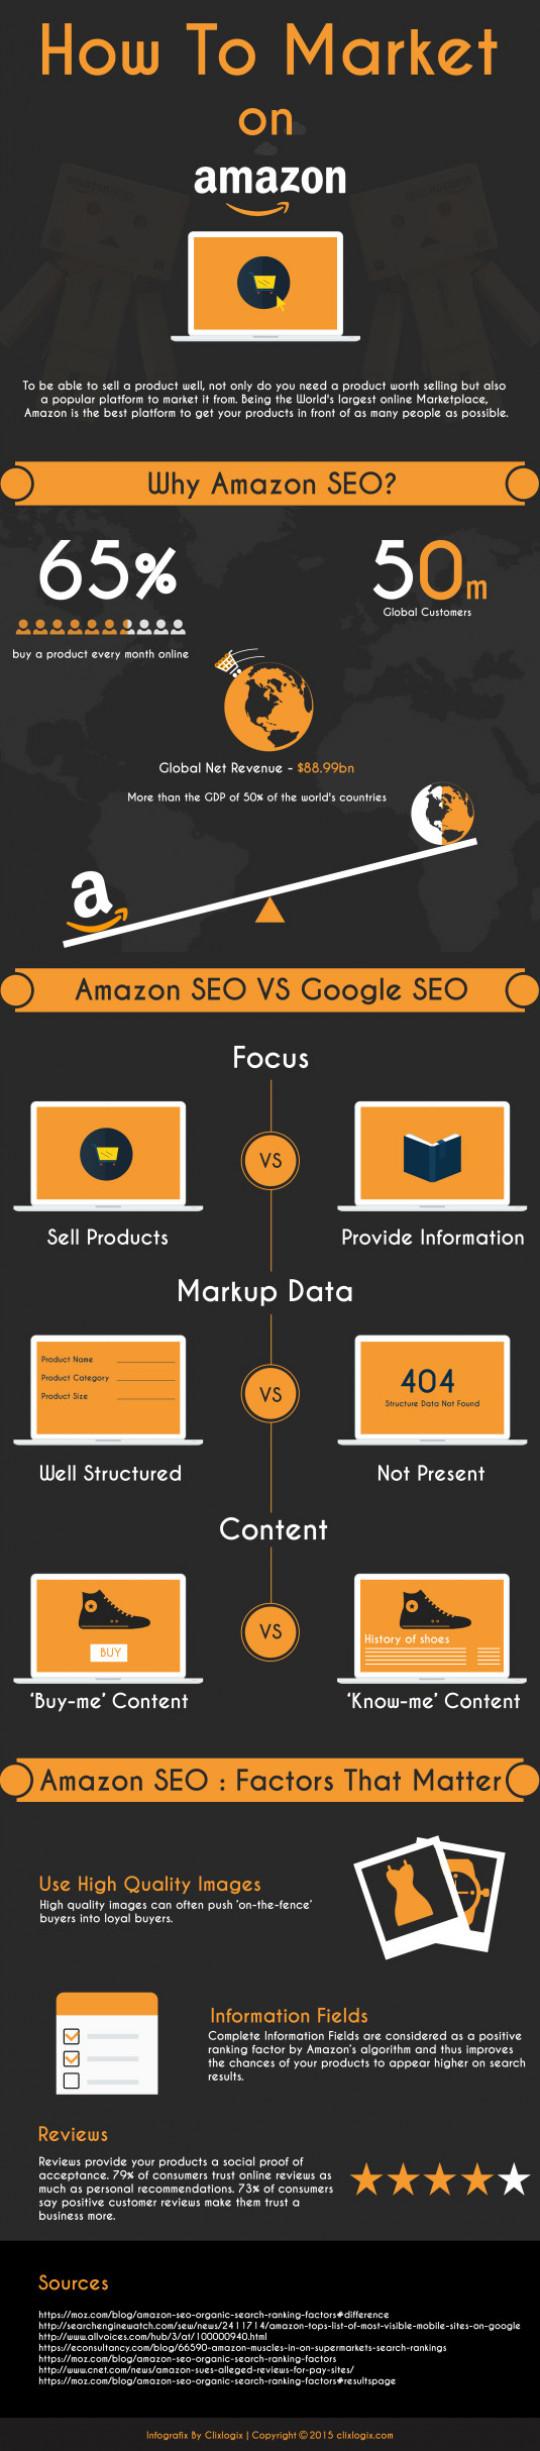 Amazon Keywords and SEO vs. Google